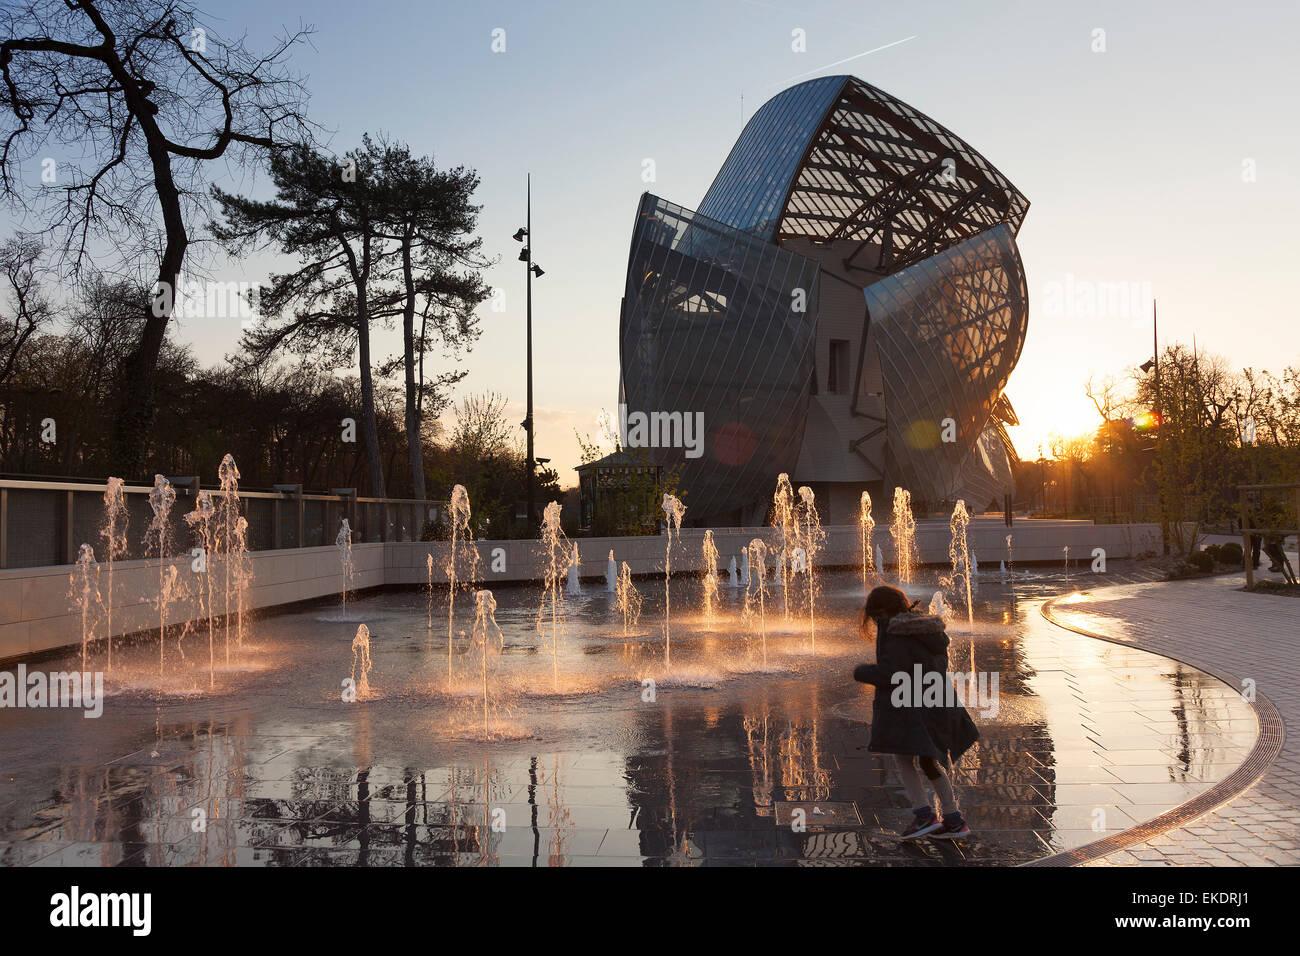 Louis Vuitton foundation, Bois de Boulogne, Paris, Ile-de-France, France - Stock Image